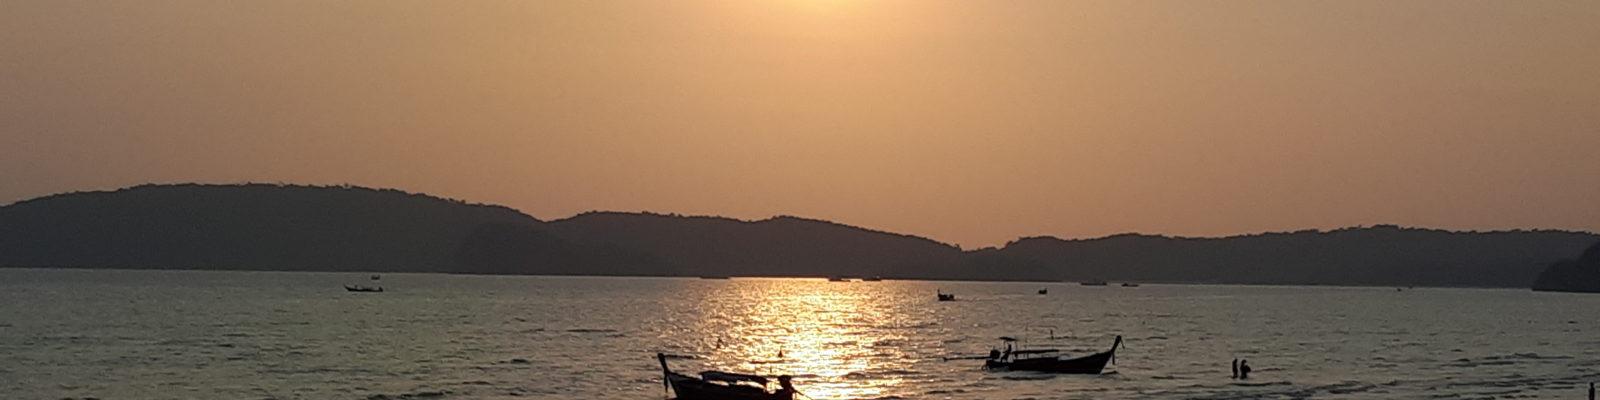 Bordée par la mer d'Andaman, la ville de Krabi, à 180 kms de Phuket, n'est pas que merveilleusement bien située. C'est une étape incontournable pour les voyageurs